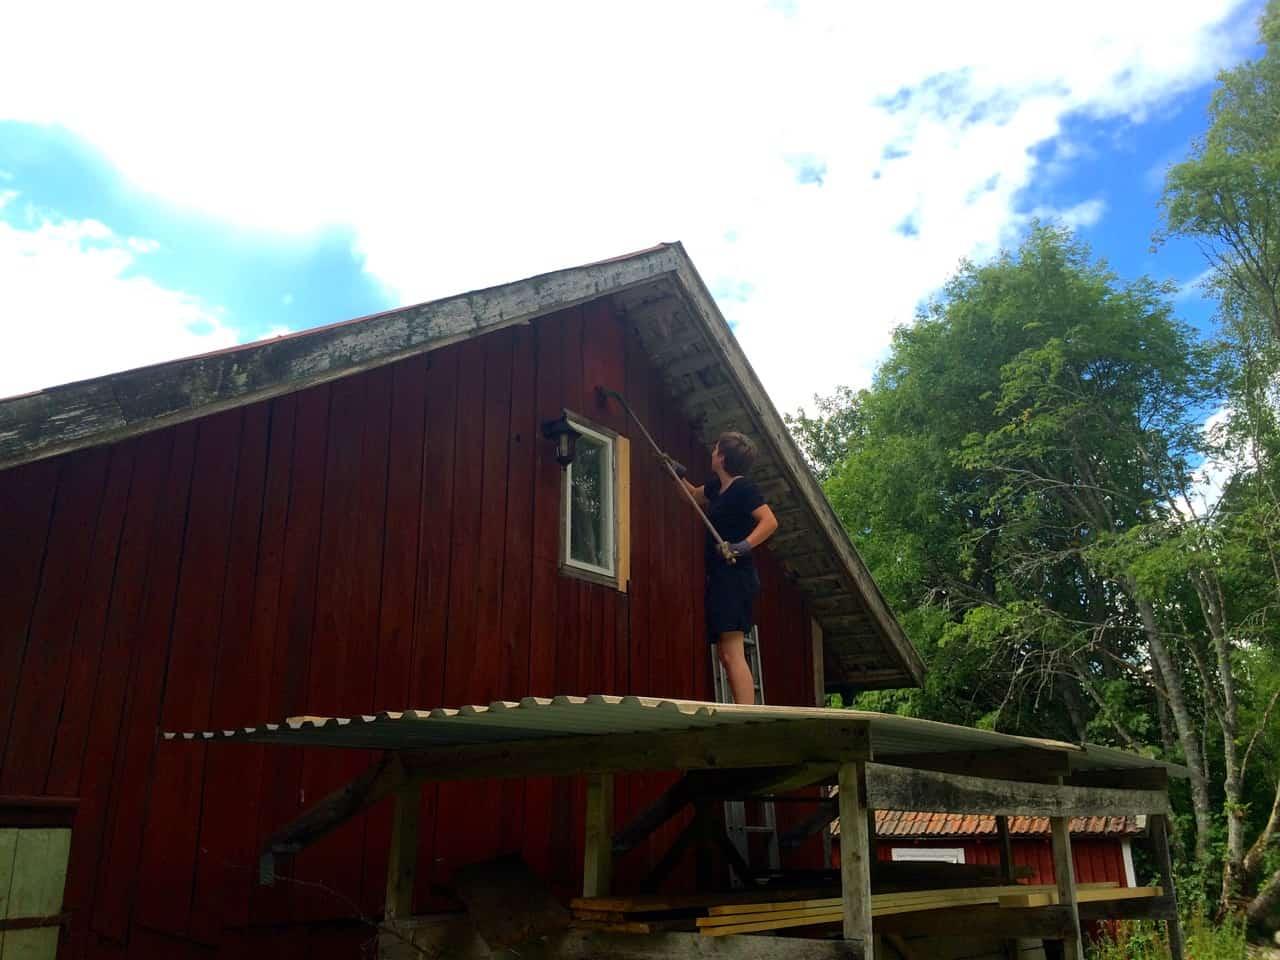 För några år sedan fick jag hjälp med att måla om ladugården. Nu är det dags att ta itu med den invändigt. Att renovera ladugård är ett rejält, men tillfredställande projekt. I alla fall på planeringsstadiet.